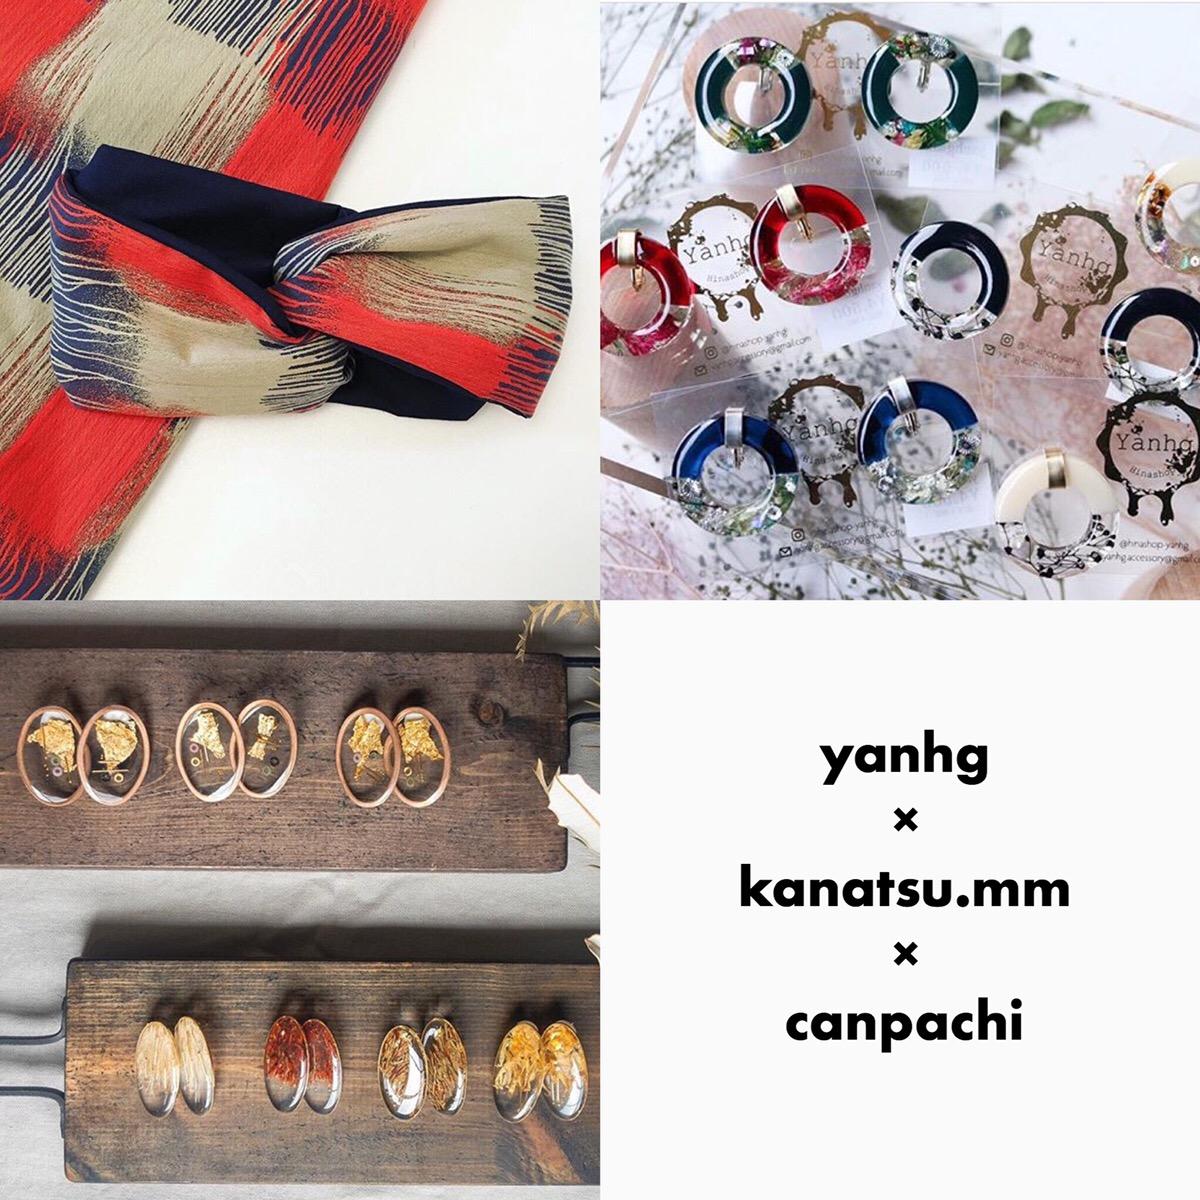 yanhg × kanatsu.mm × canpachi